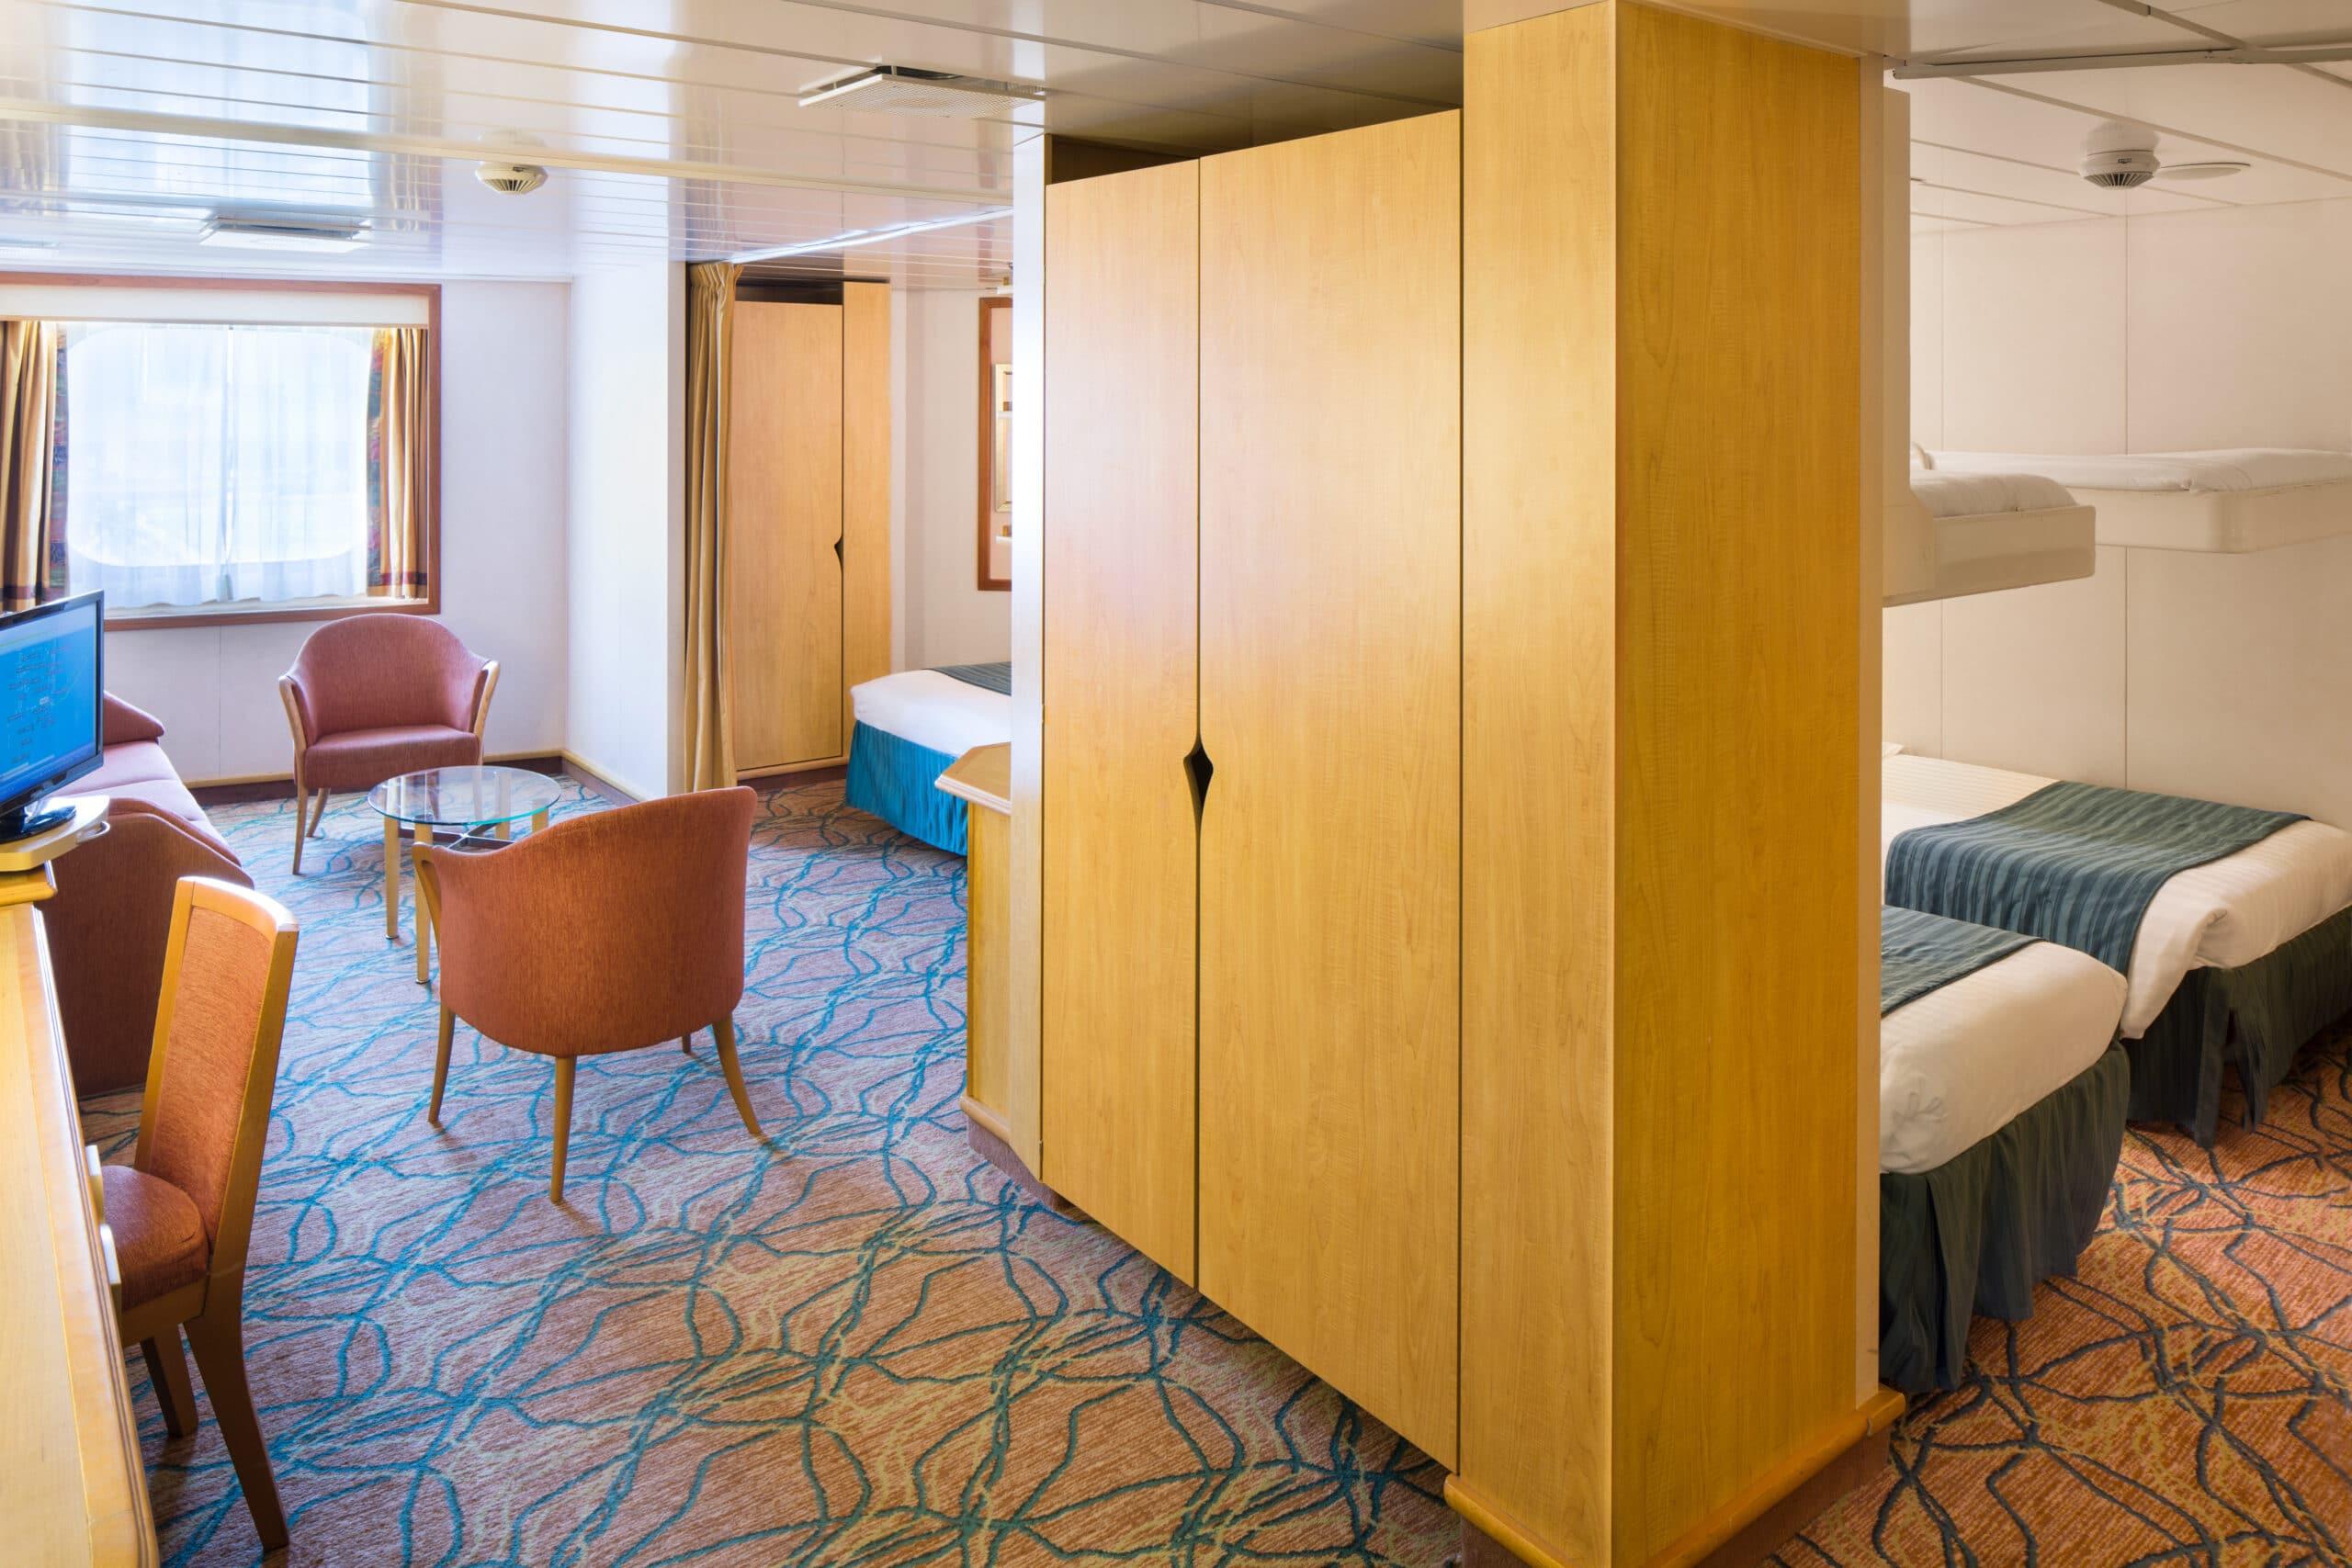 Royal-Caribbean-International-Vision-of-the-Seas-schip-cruiseschip-categorie-1K-ultra-grote-buitenhut